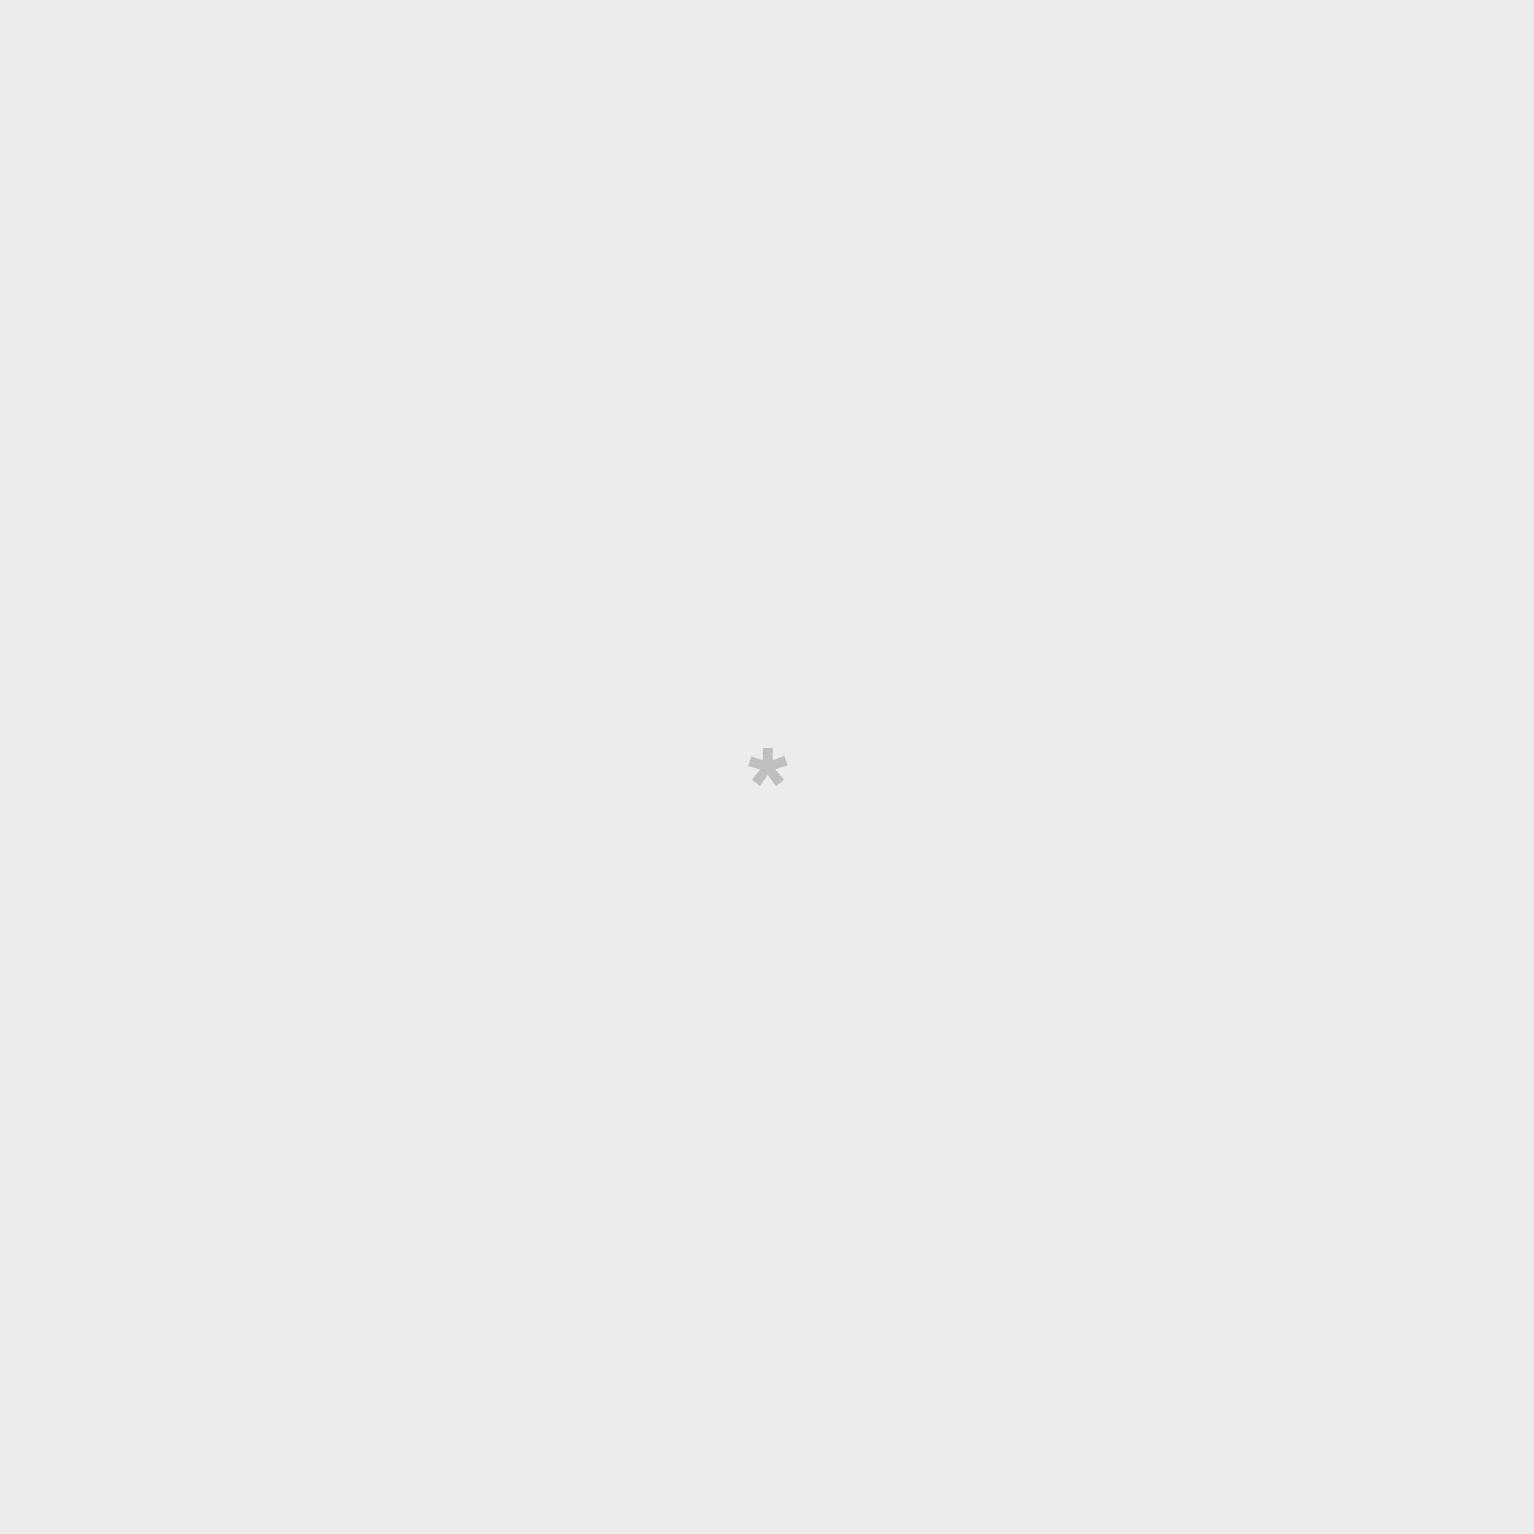 Kit Juego cartas + vela San Valentín ING